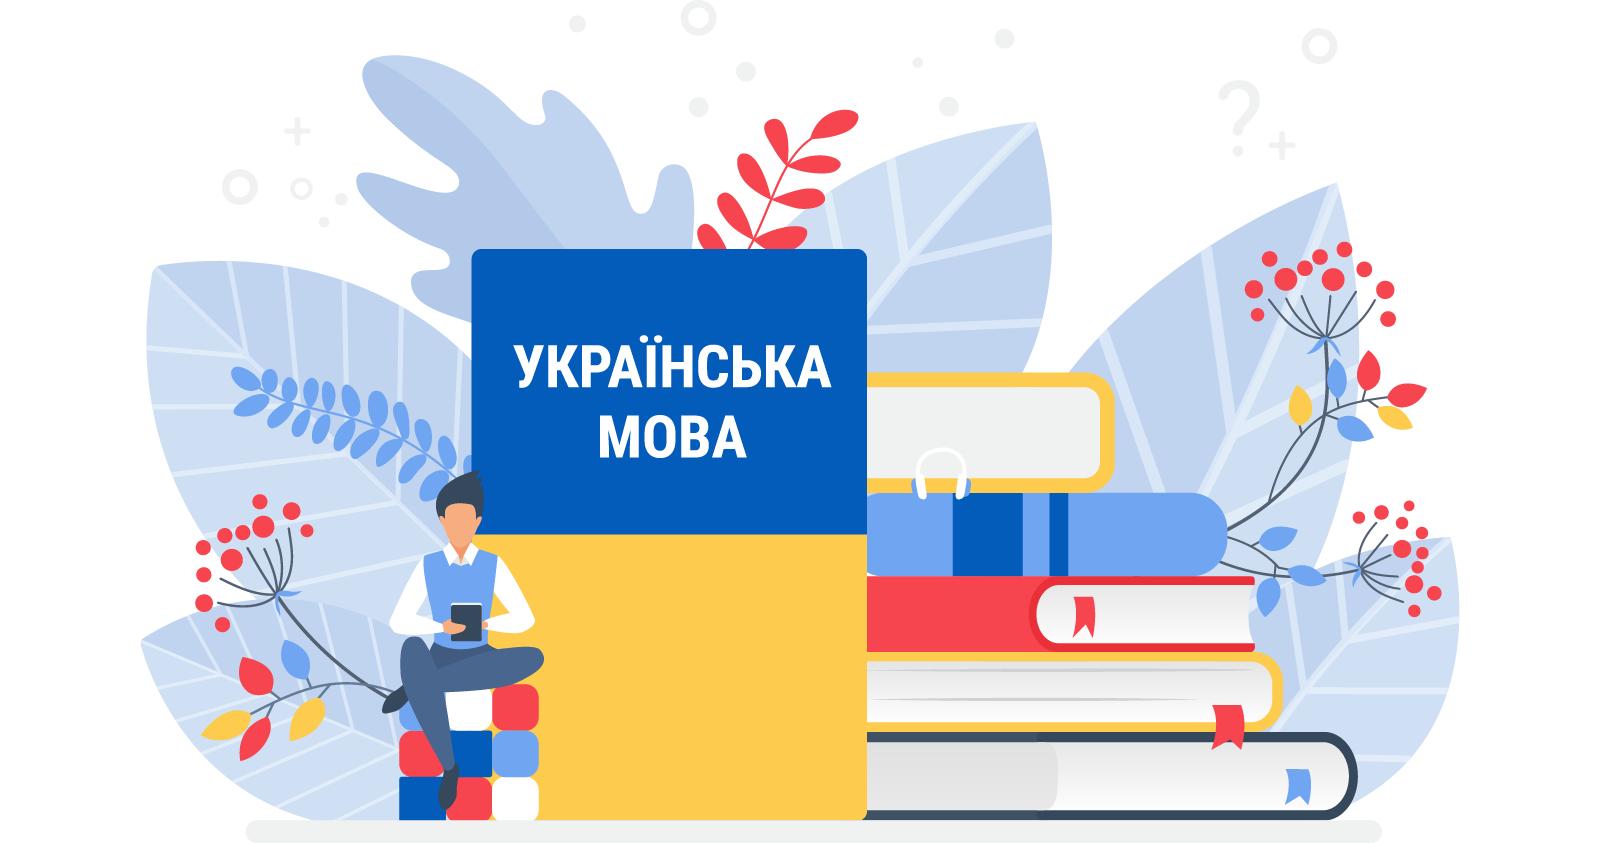 Общение с клиентами на украинском языке